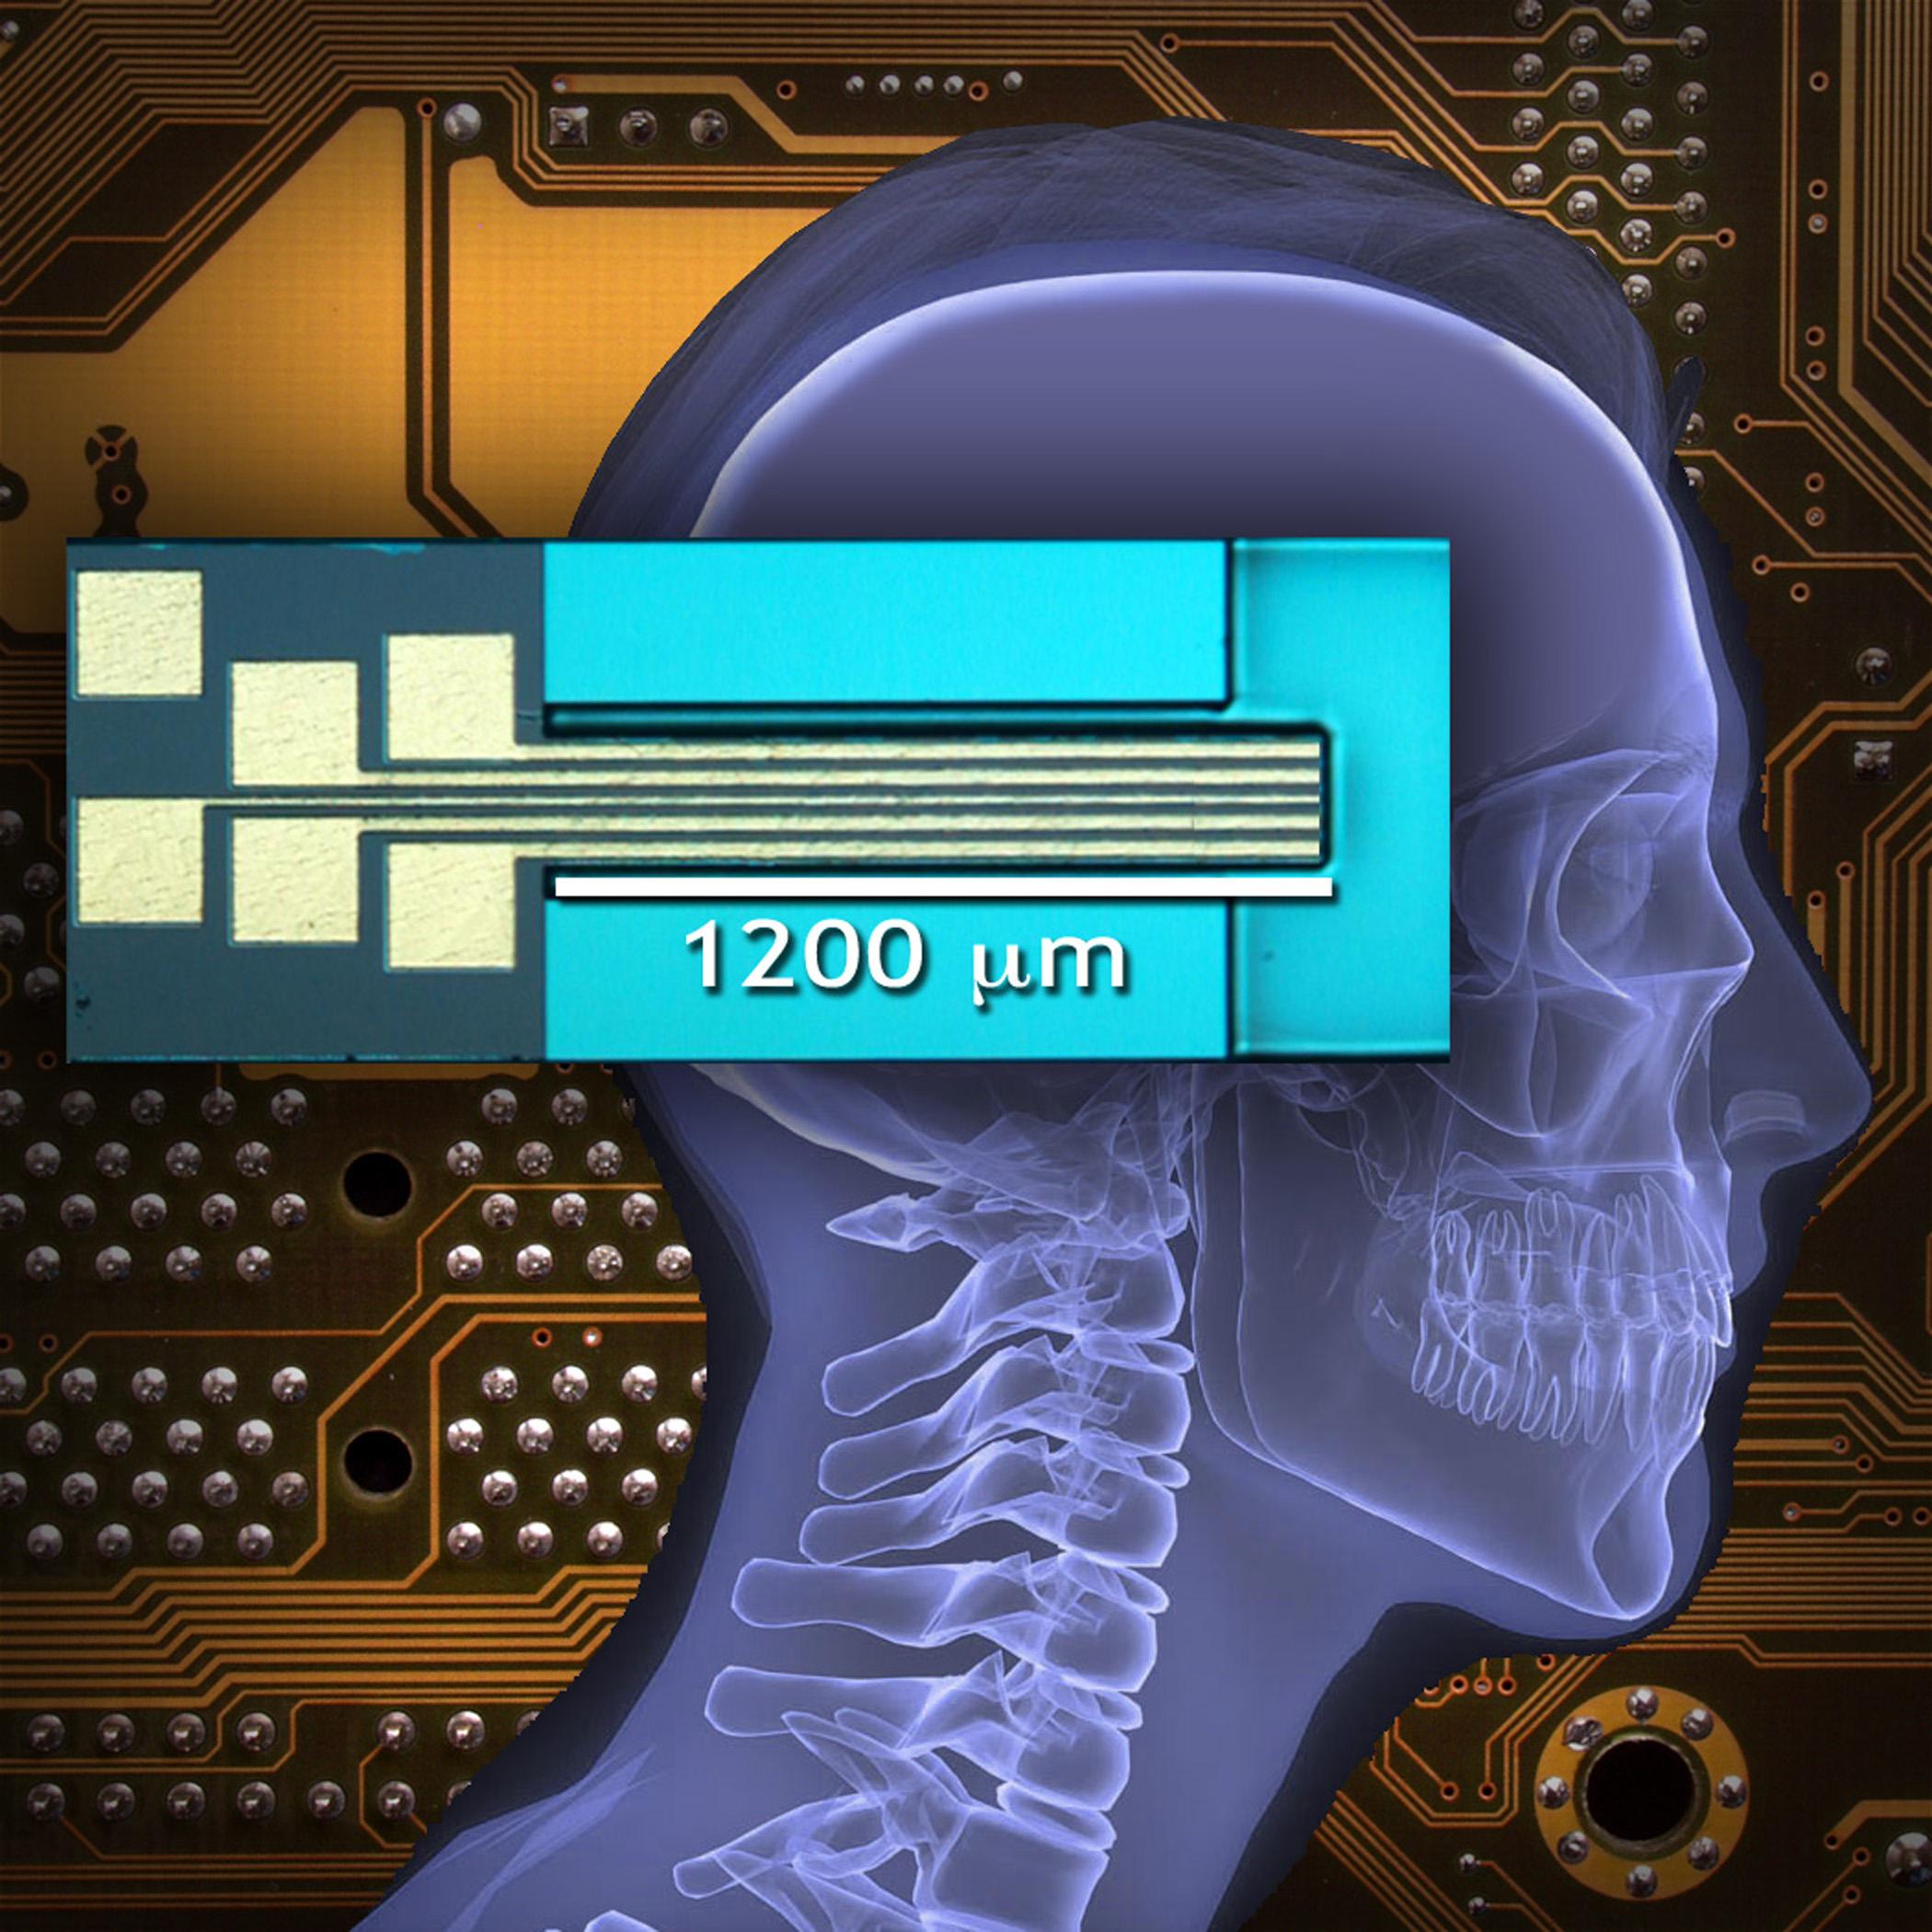 El clamp neural activo de las raíces medulares puede mejorar el movimiento en personas con lesiones de la médula espinal o que se estén recuperando de un infarto cerebral. Los contactos de la zona de soldadura de hilos oro para 5 electrodos puede observarse en este clamp. Estos pueden proporcionar estimulación nerviosa o retroalimentación para refinar el movimiento. Cortesía: Ranu Jung, Instituto de Biodiseño (Biodesign Institute), ASU